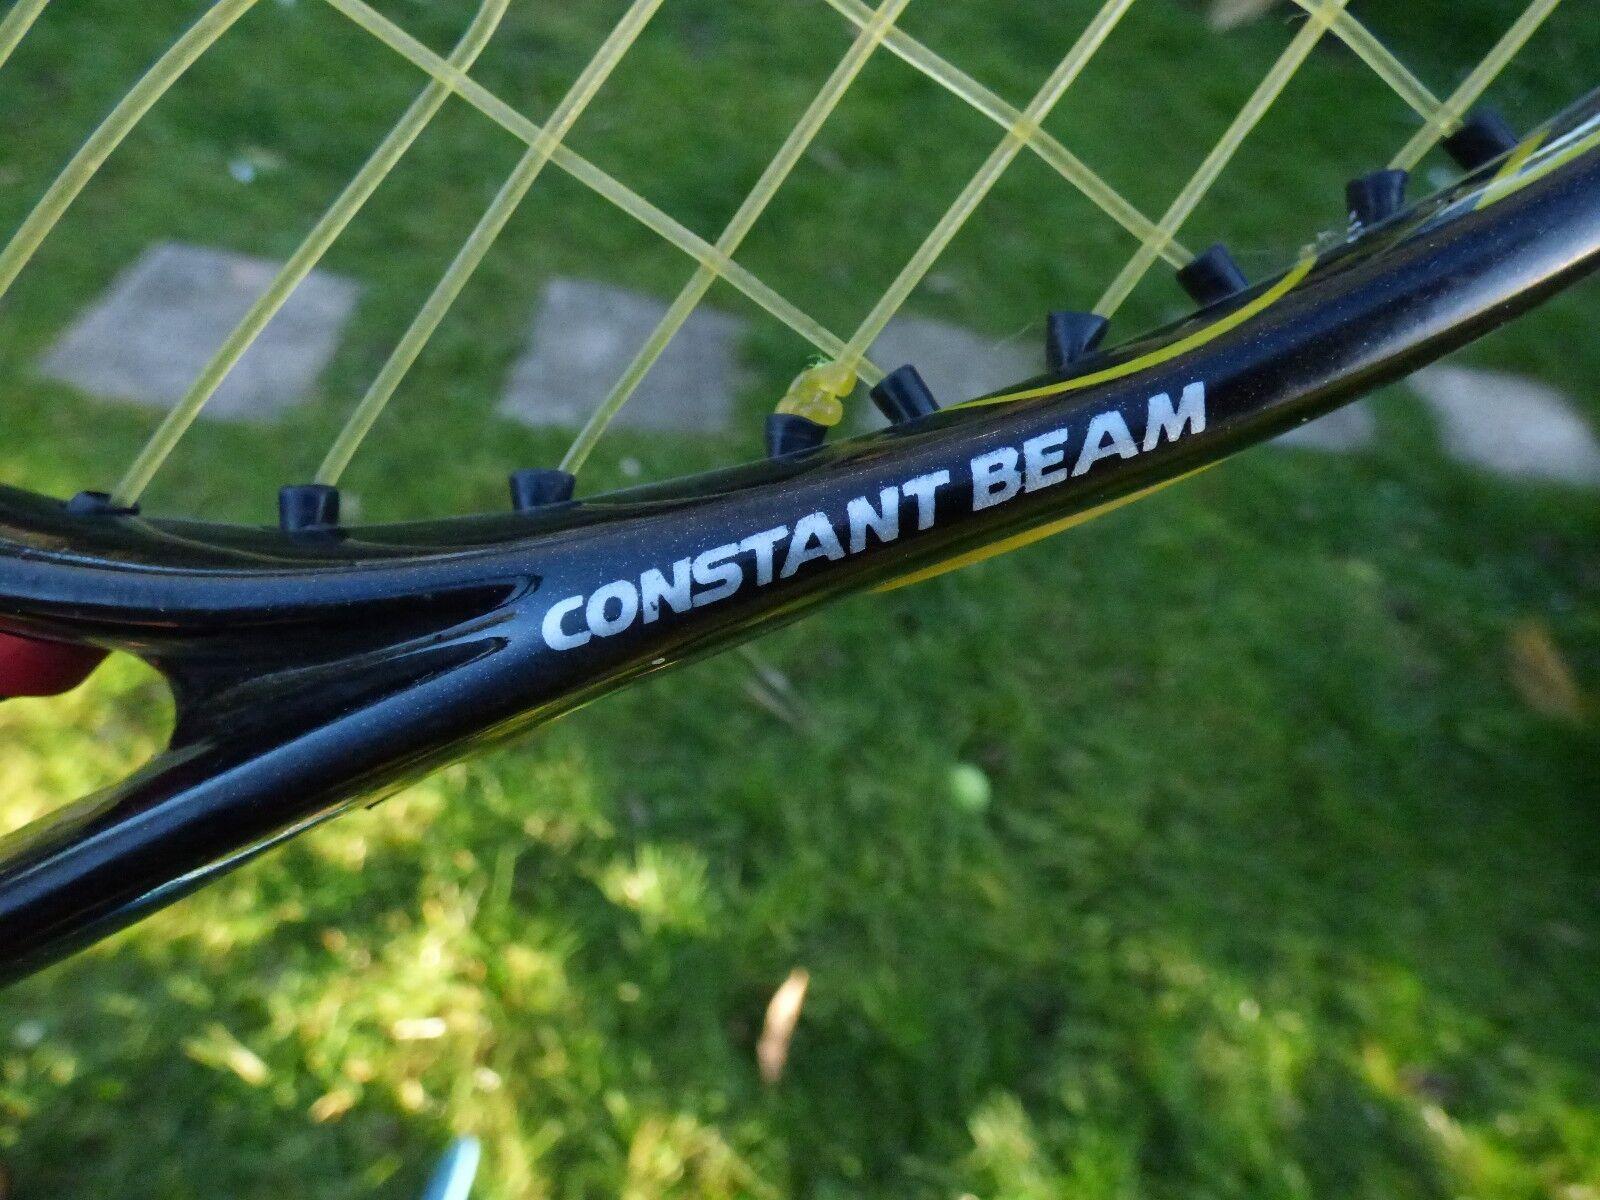 Tennisschläger Head 660 660 660 Leader Constant Beam 4 5 8 4cb08f